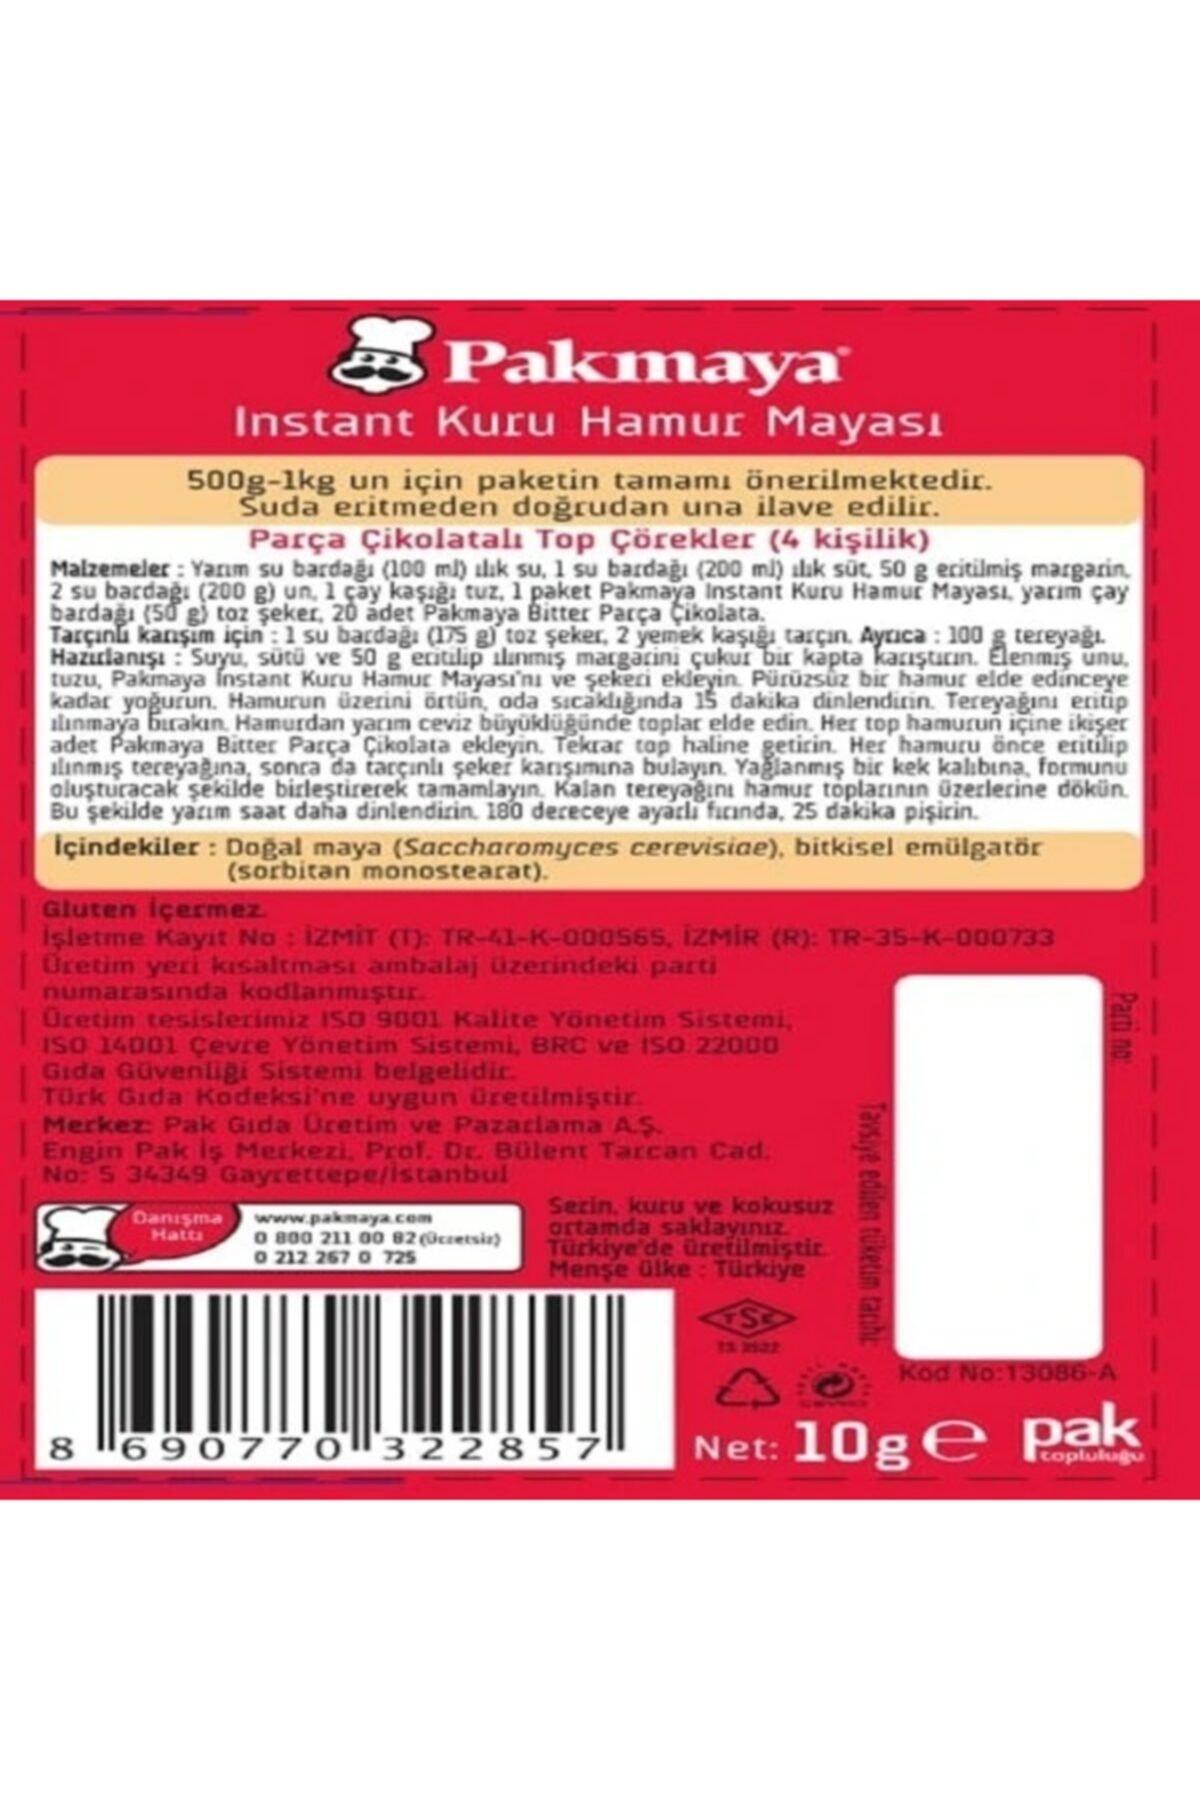 Pakmaya ,Instant Kuru Hamur Mayası, 3'lü Paket, (3x10gr), (Gluten Içermez) 2